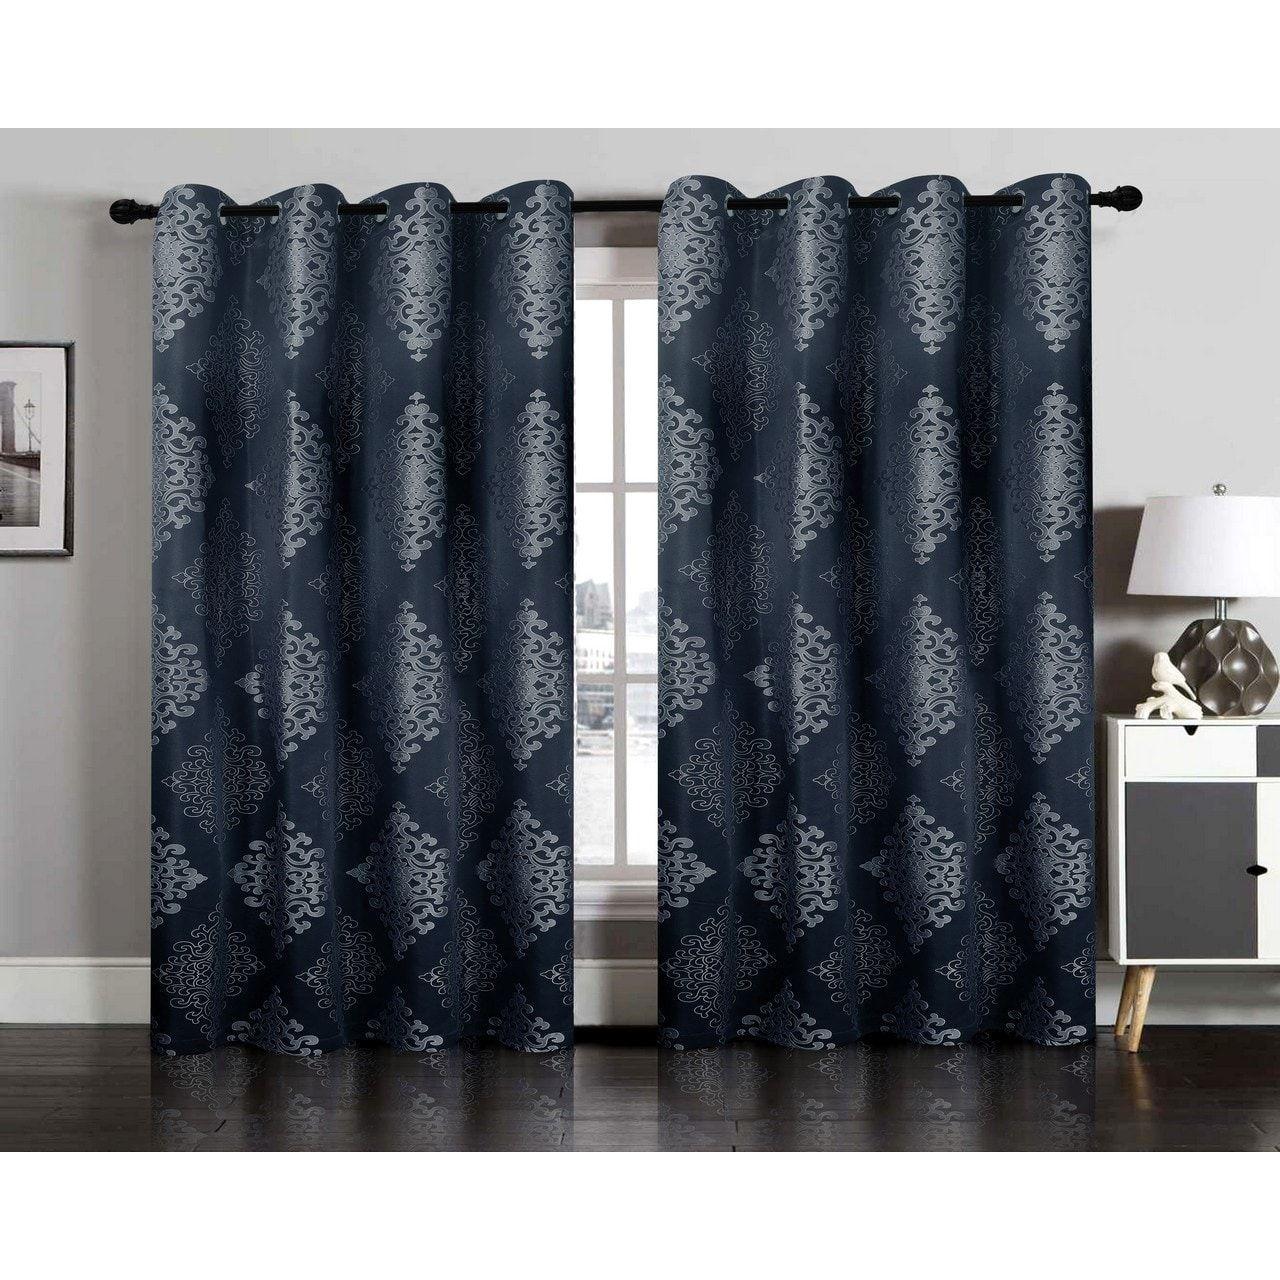 Ellington Nadia Jacquard Window Curtain Grommet Panel Pair - 54 x 84 ...